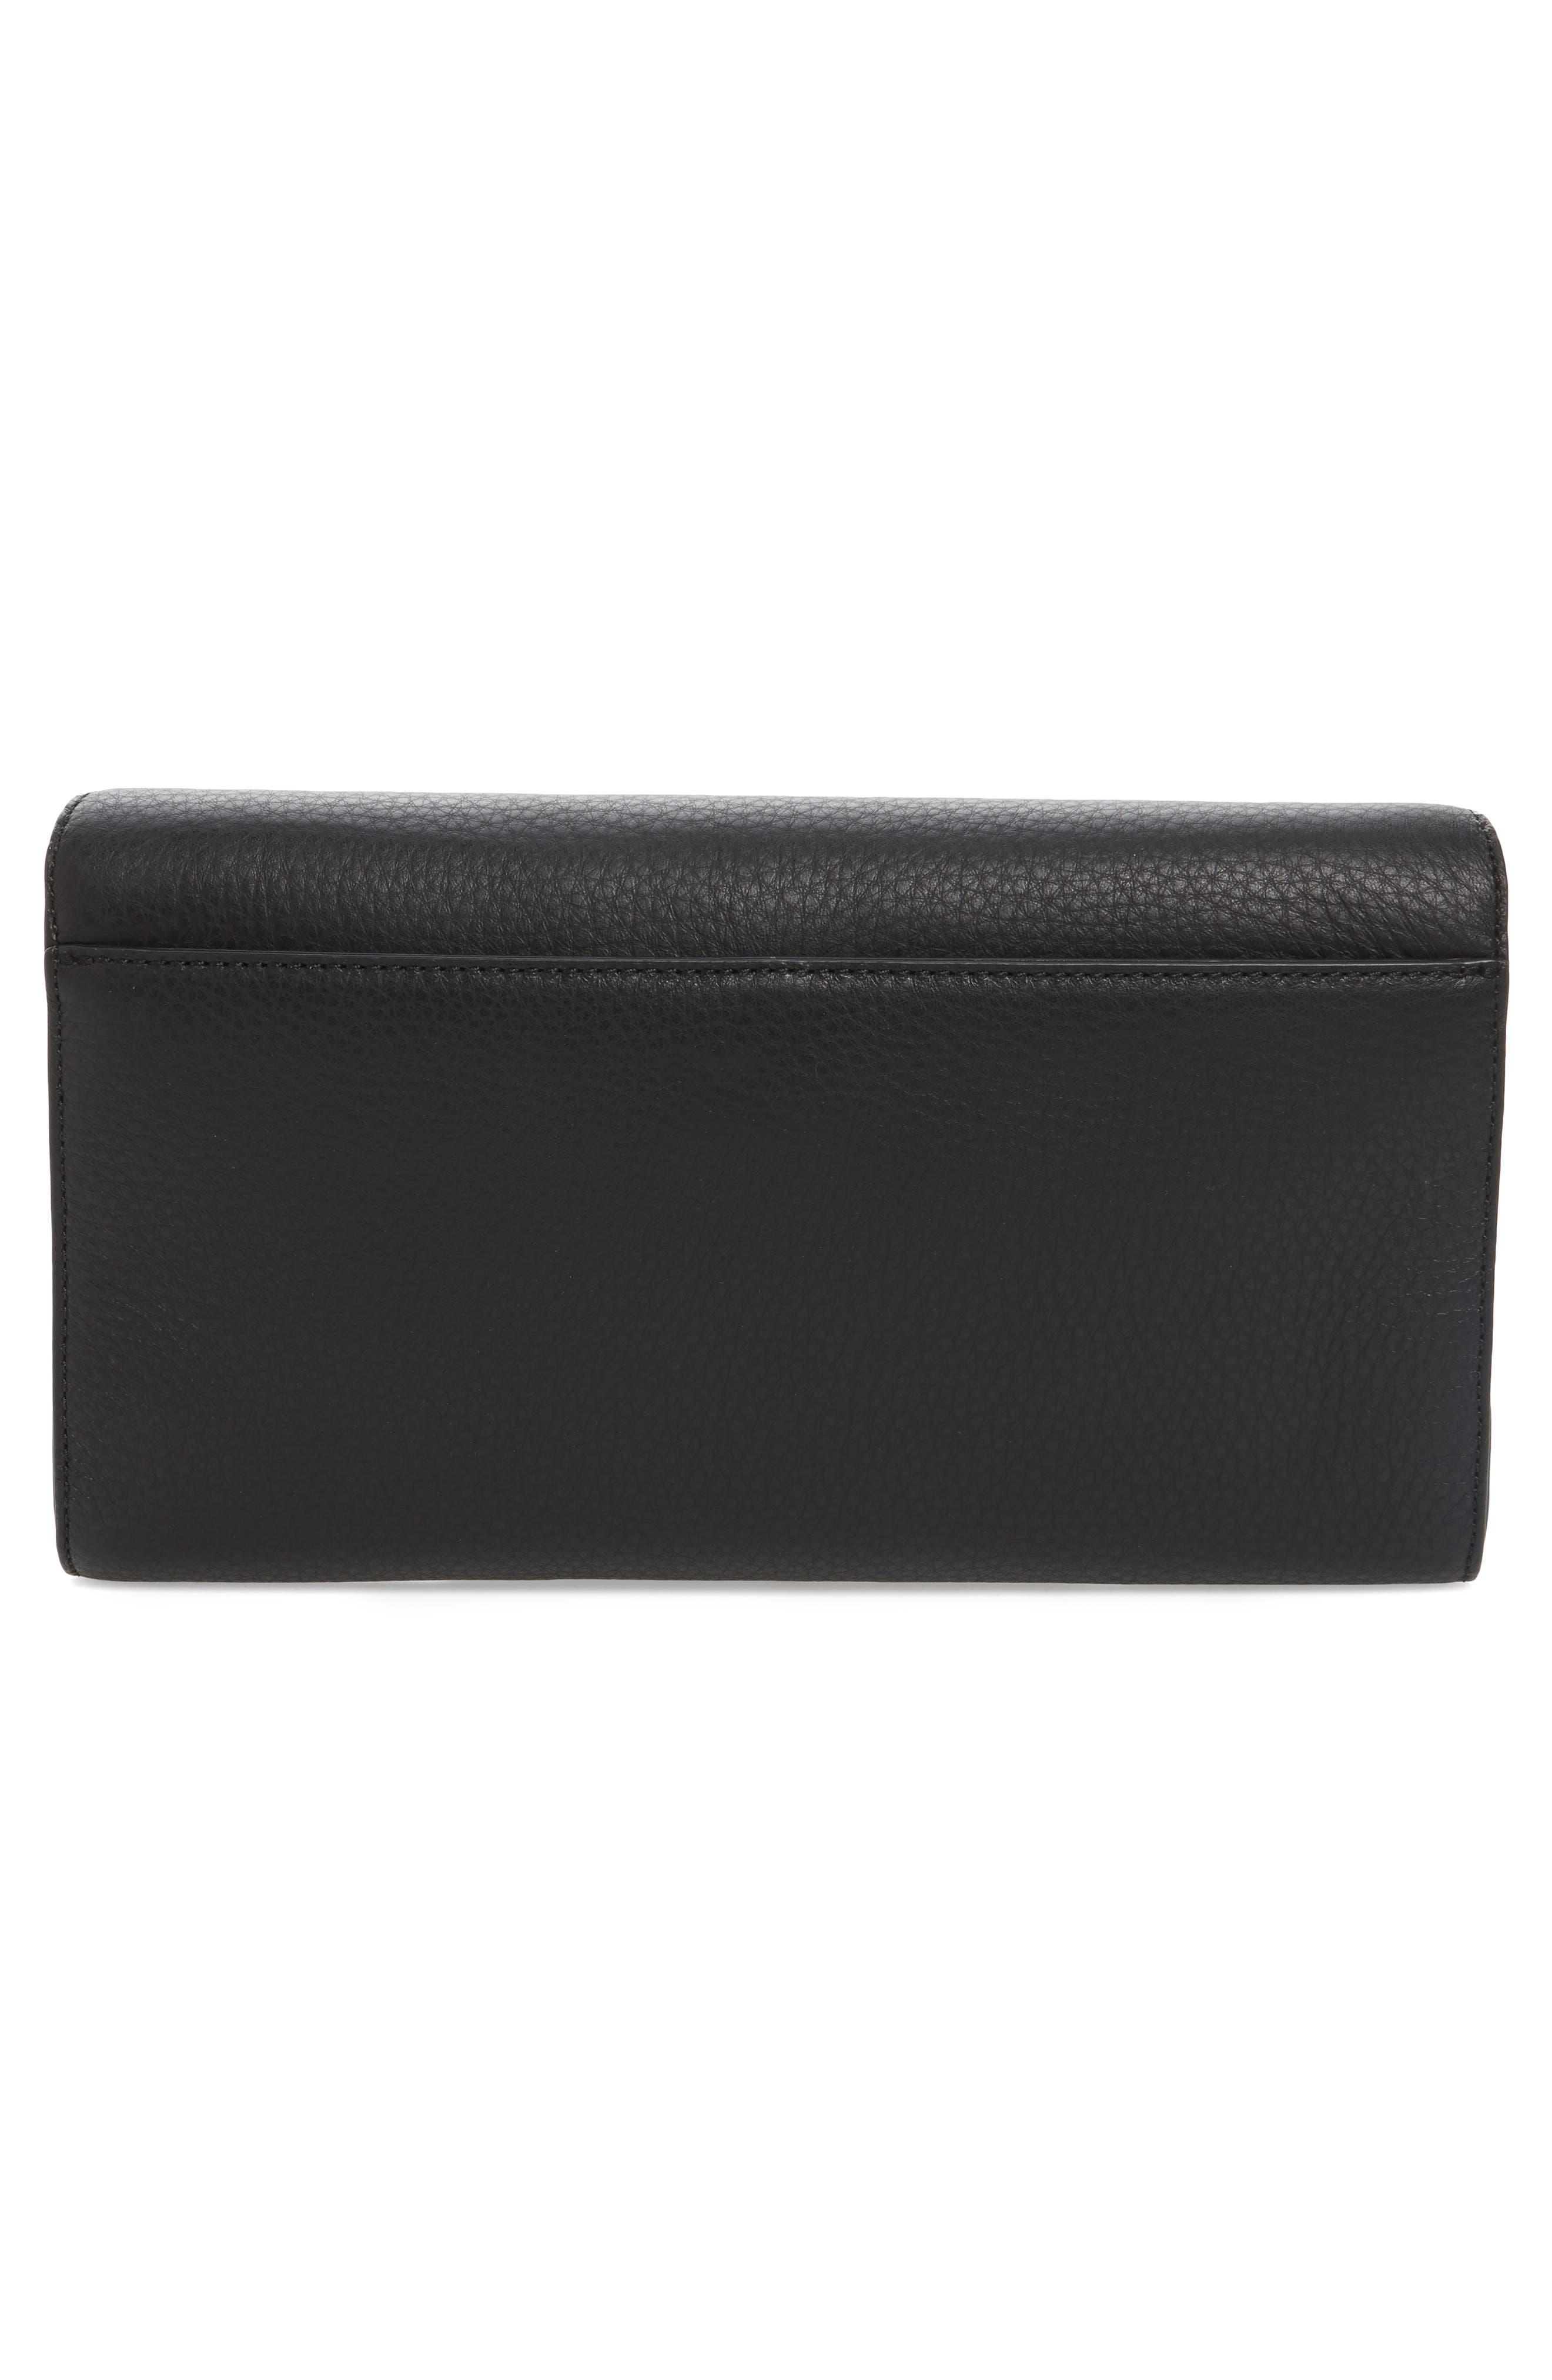 Flex Leather Envelope Clutch,                             Alternate thumbnail 3, color,                             001